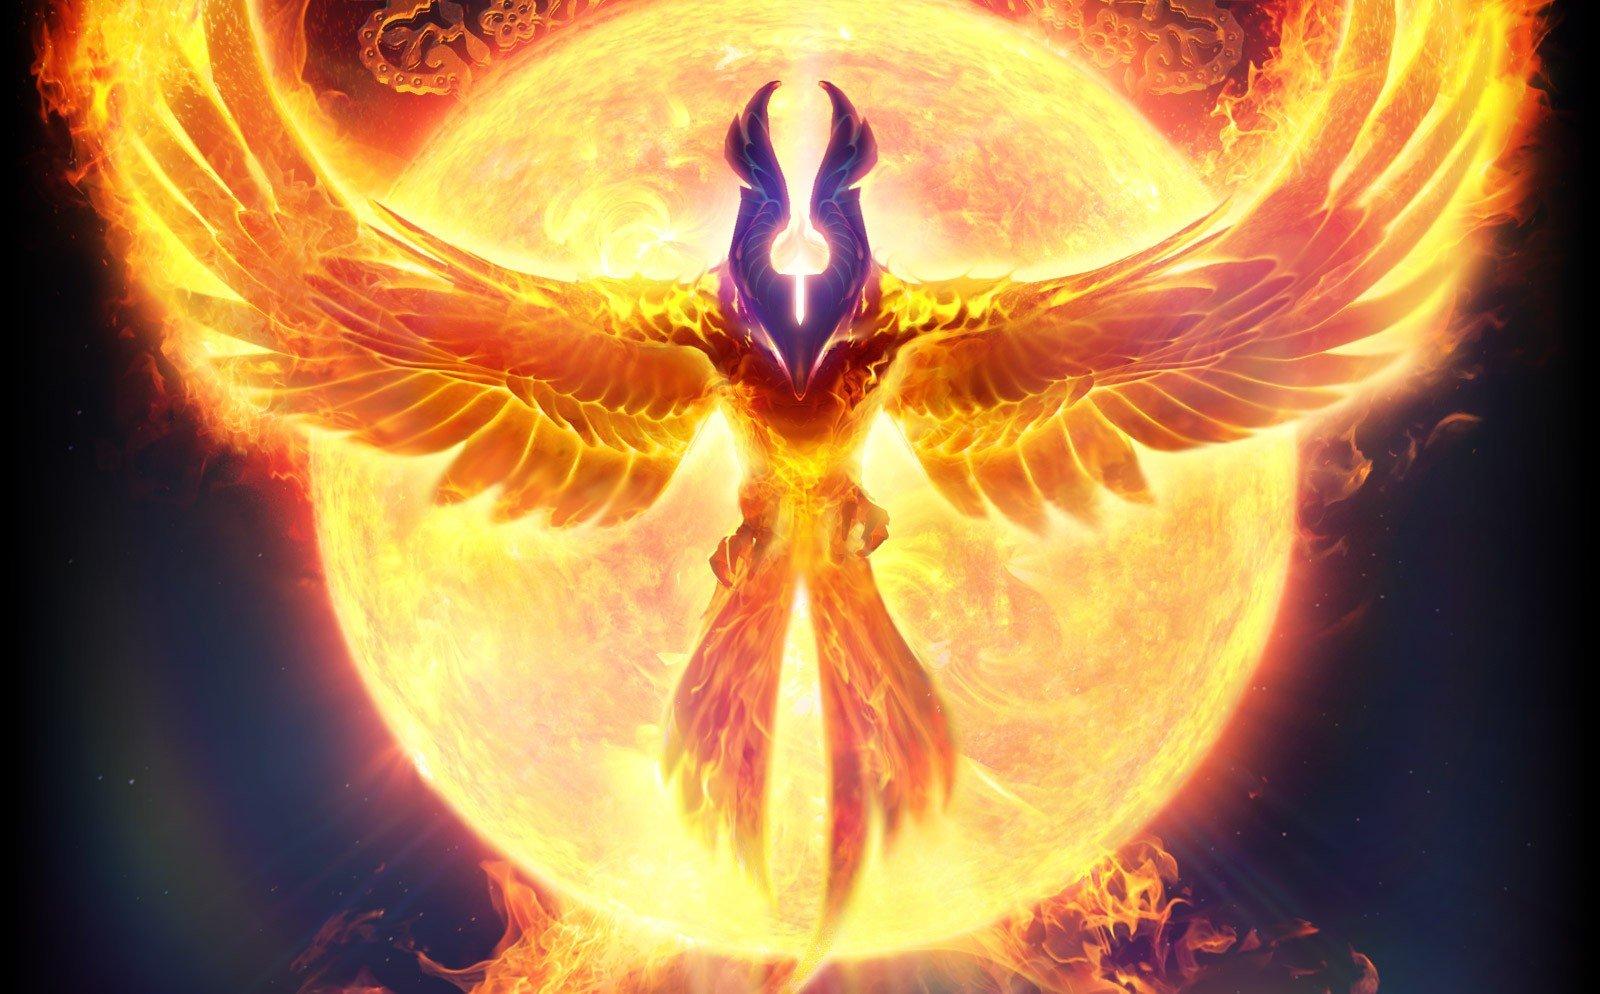 В Dota 2 обнаружили баг с новым сетом на Phoenix на яйцо Феникса нельзя нажать